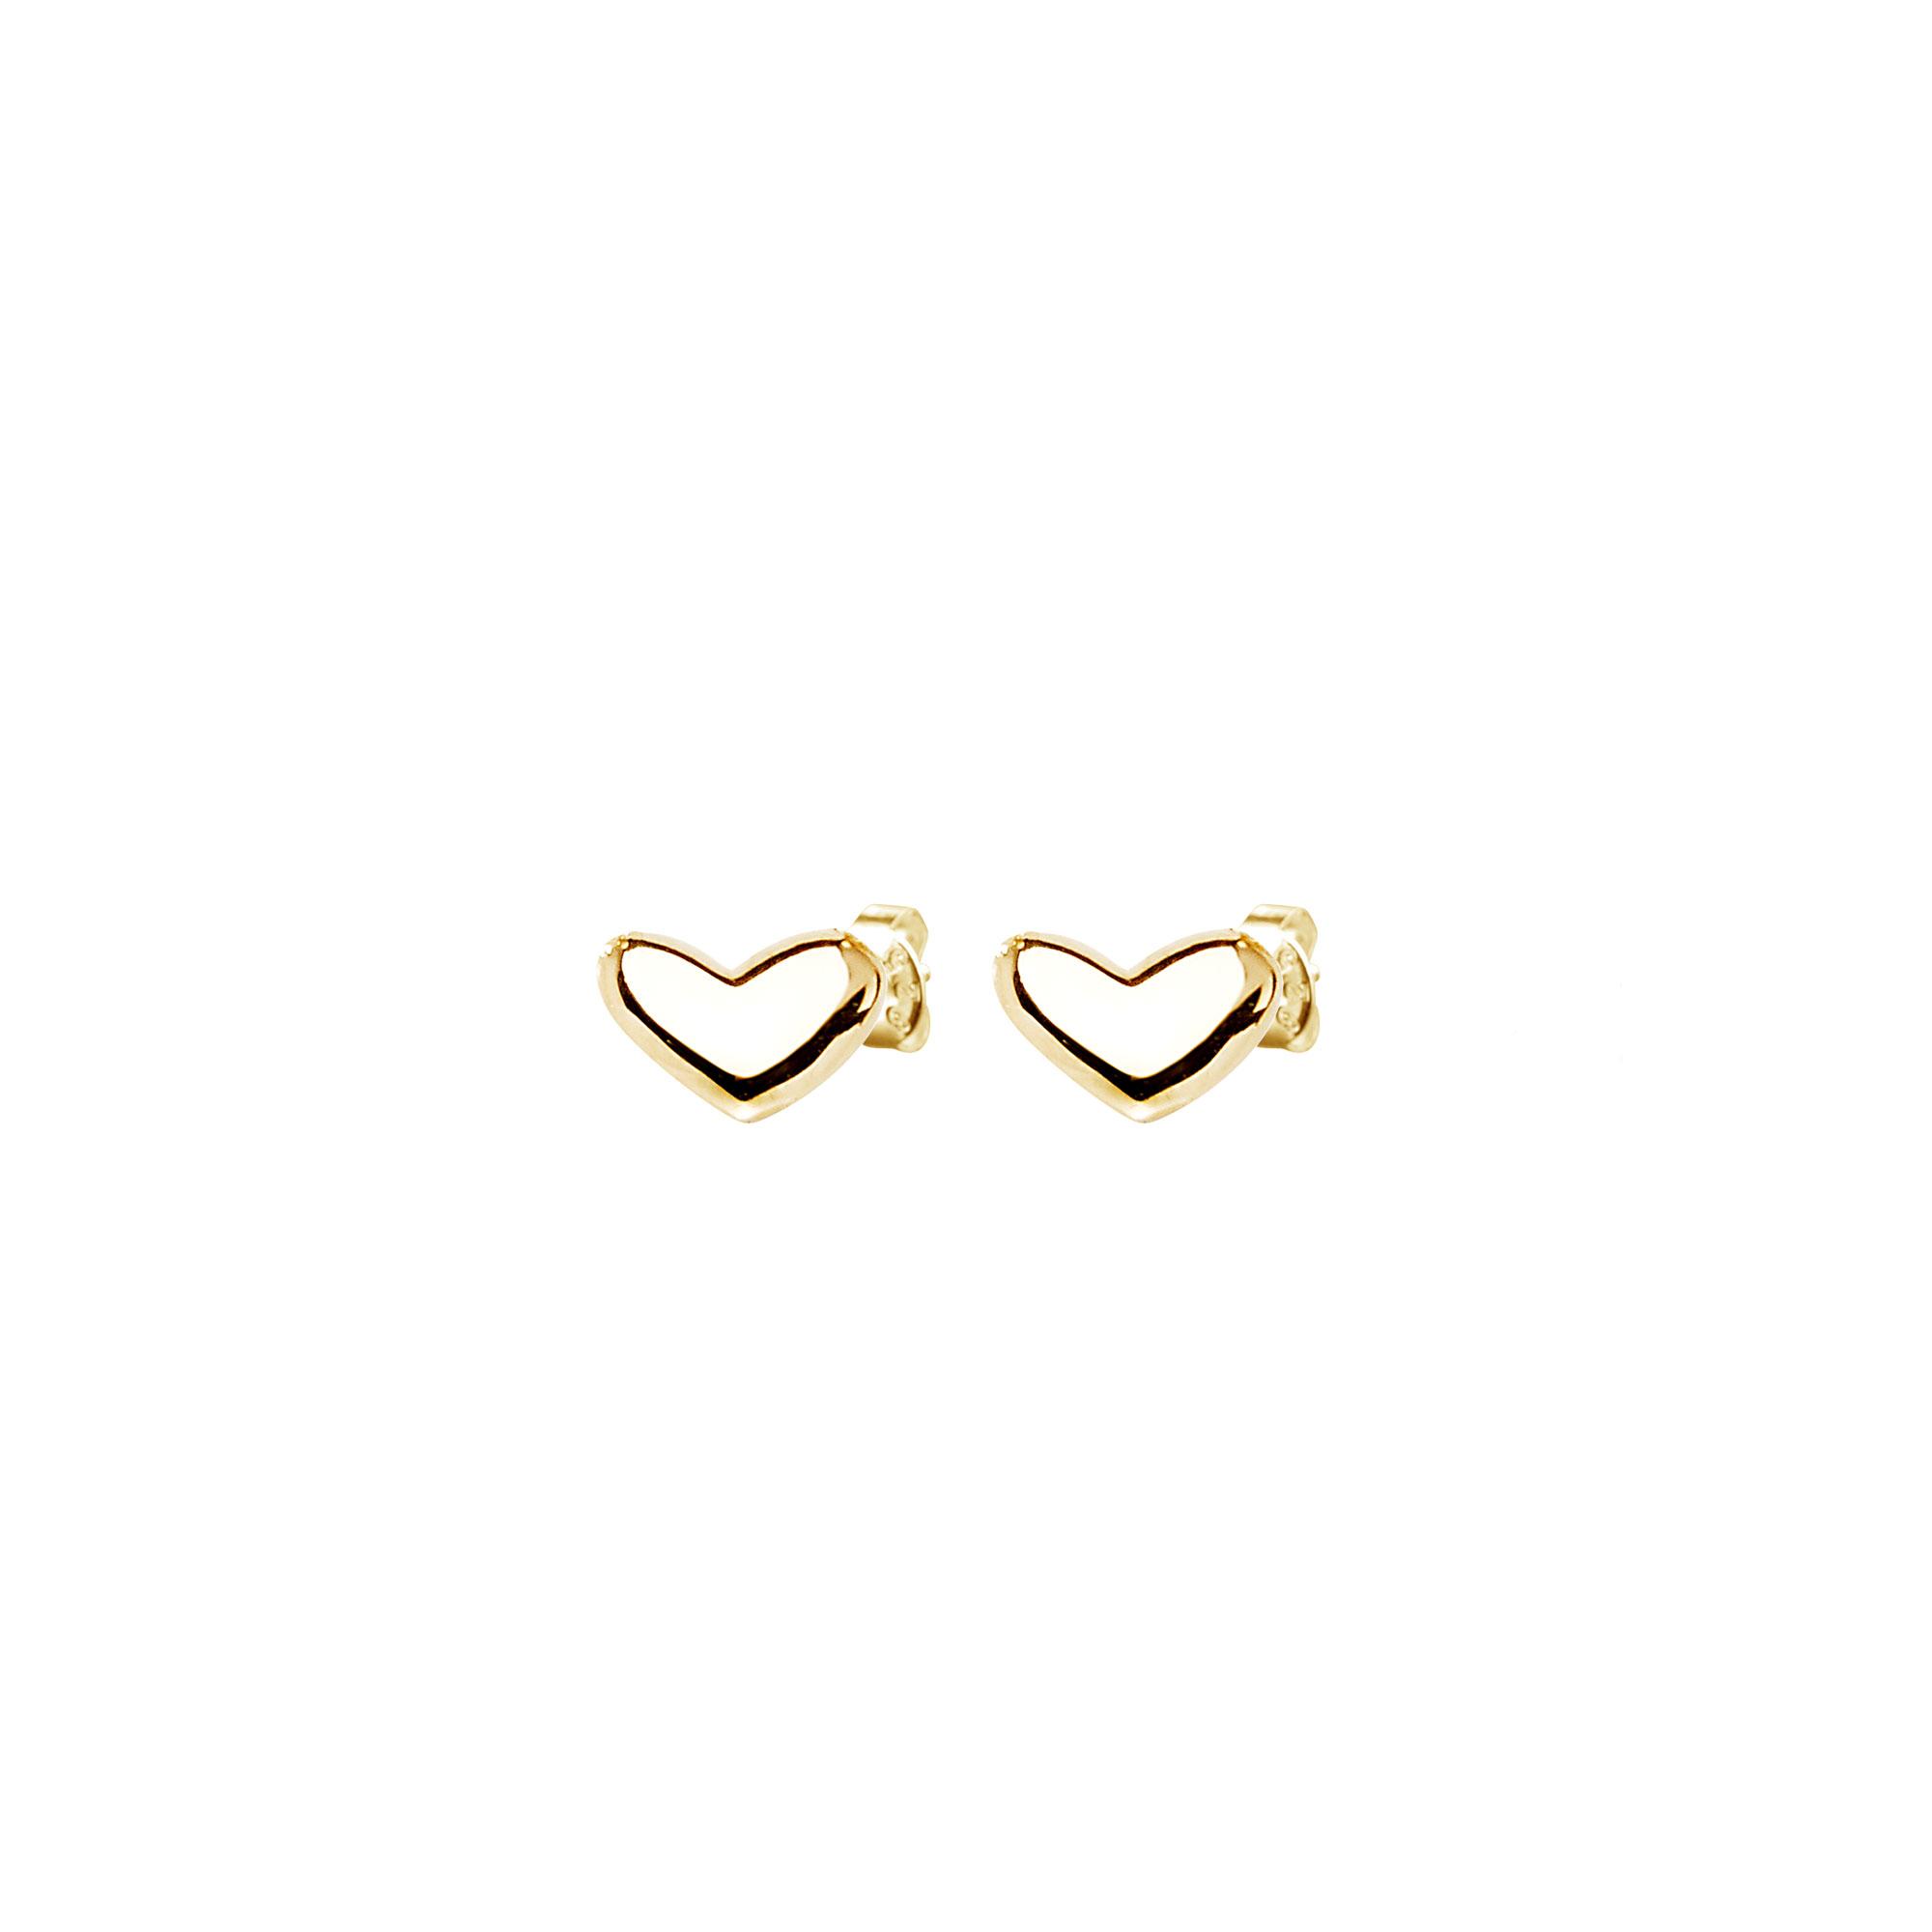 Loving Heart medium Studs gold 2990 SEK